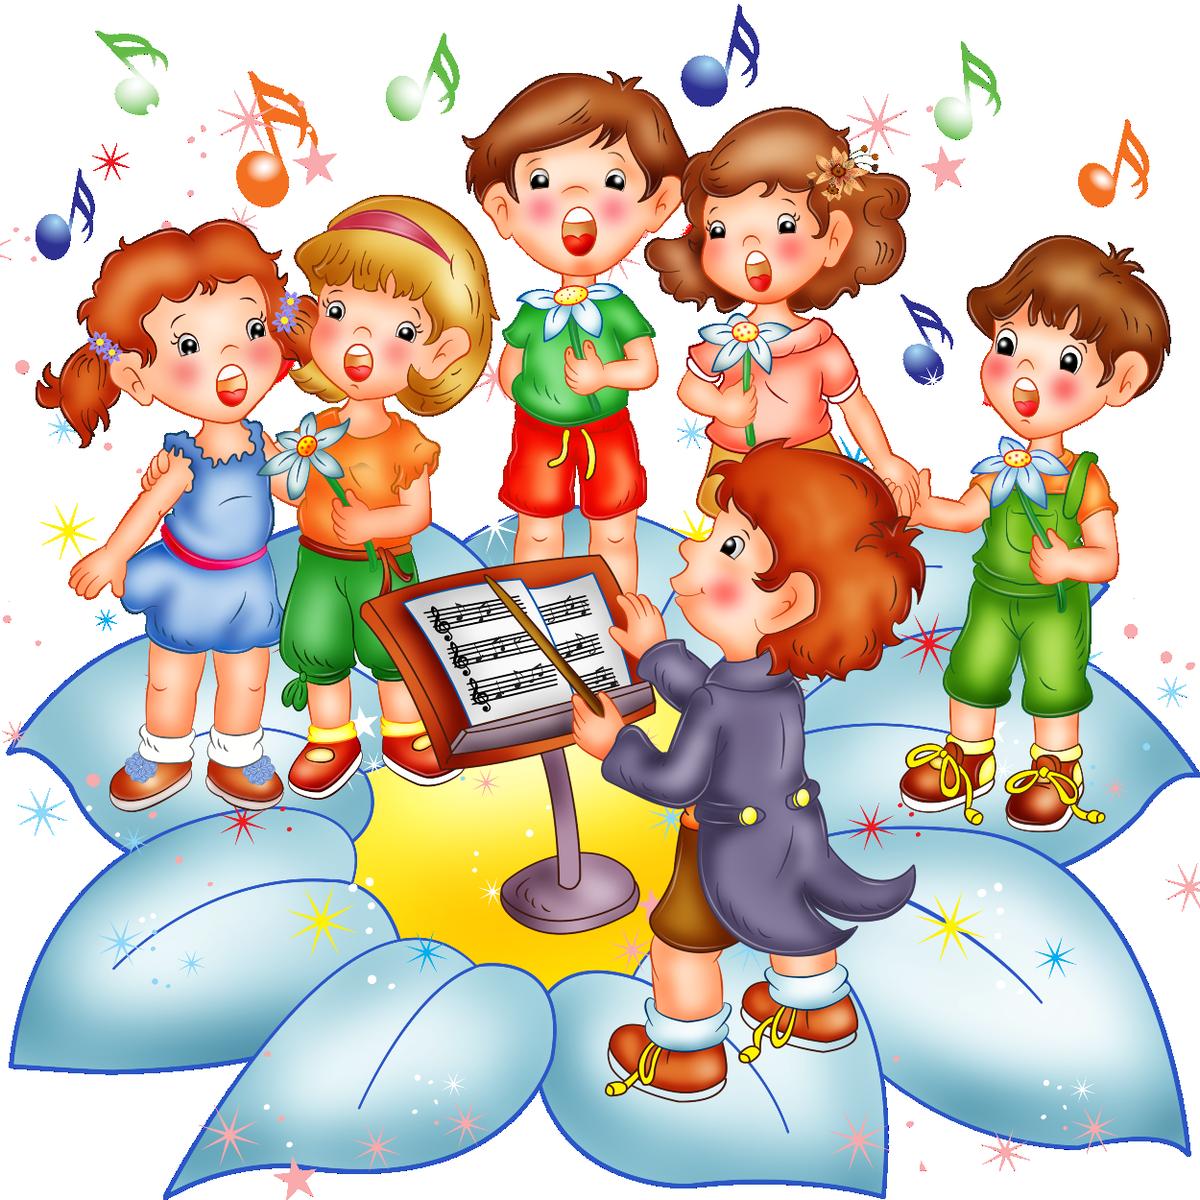 Детские песни онлайн бесплатно минусовки